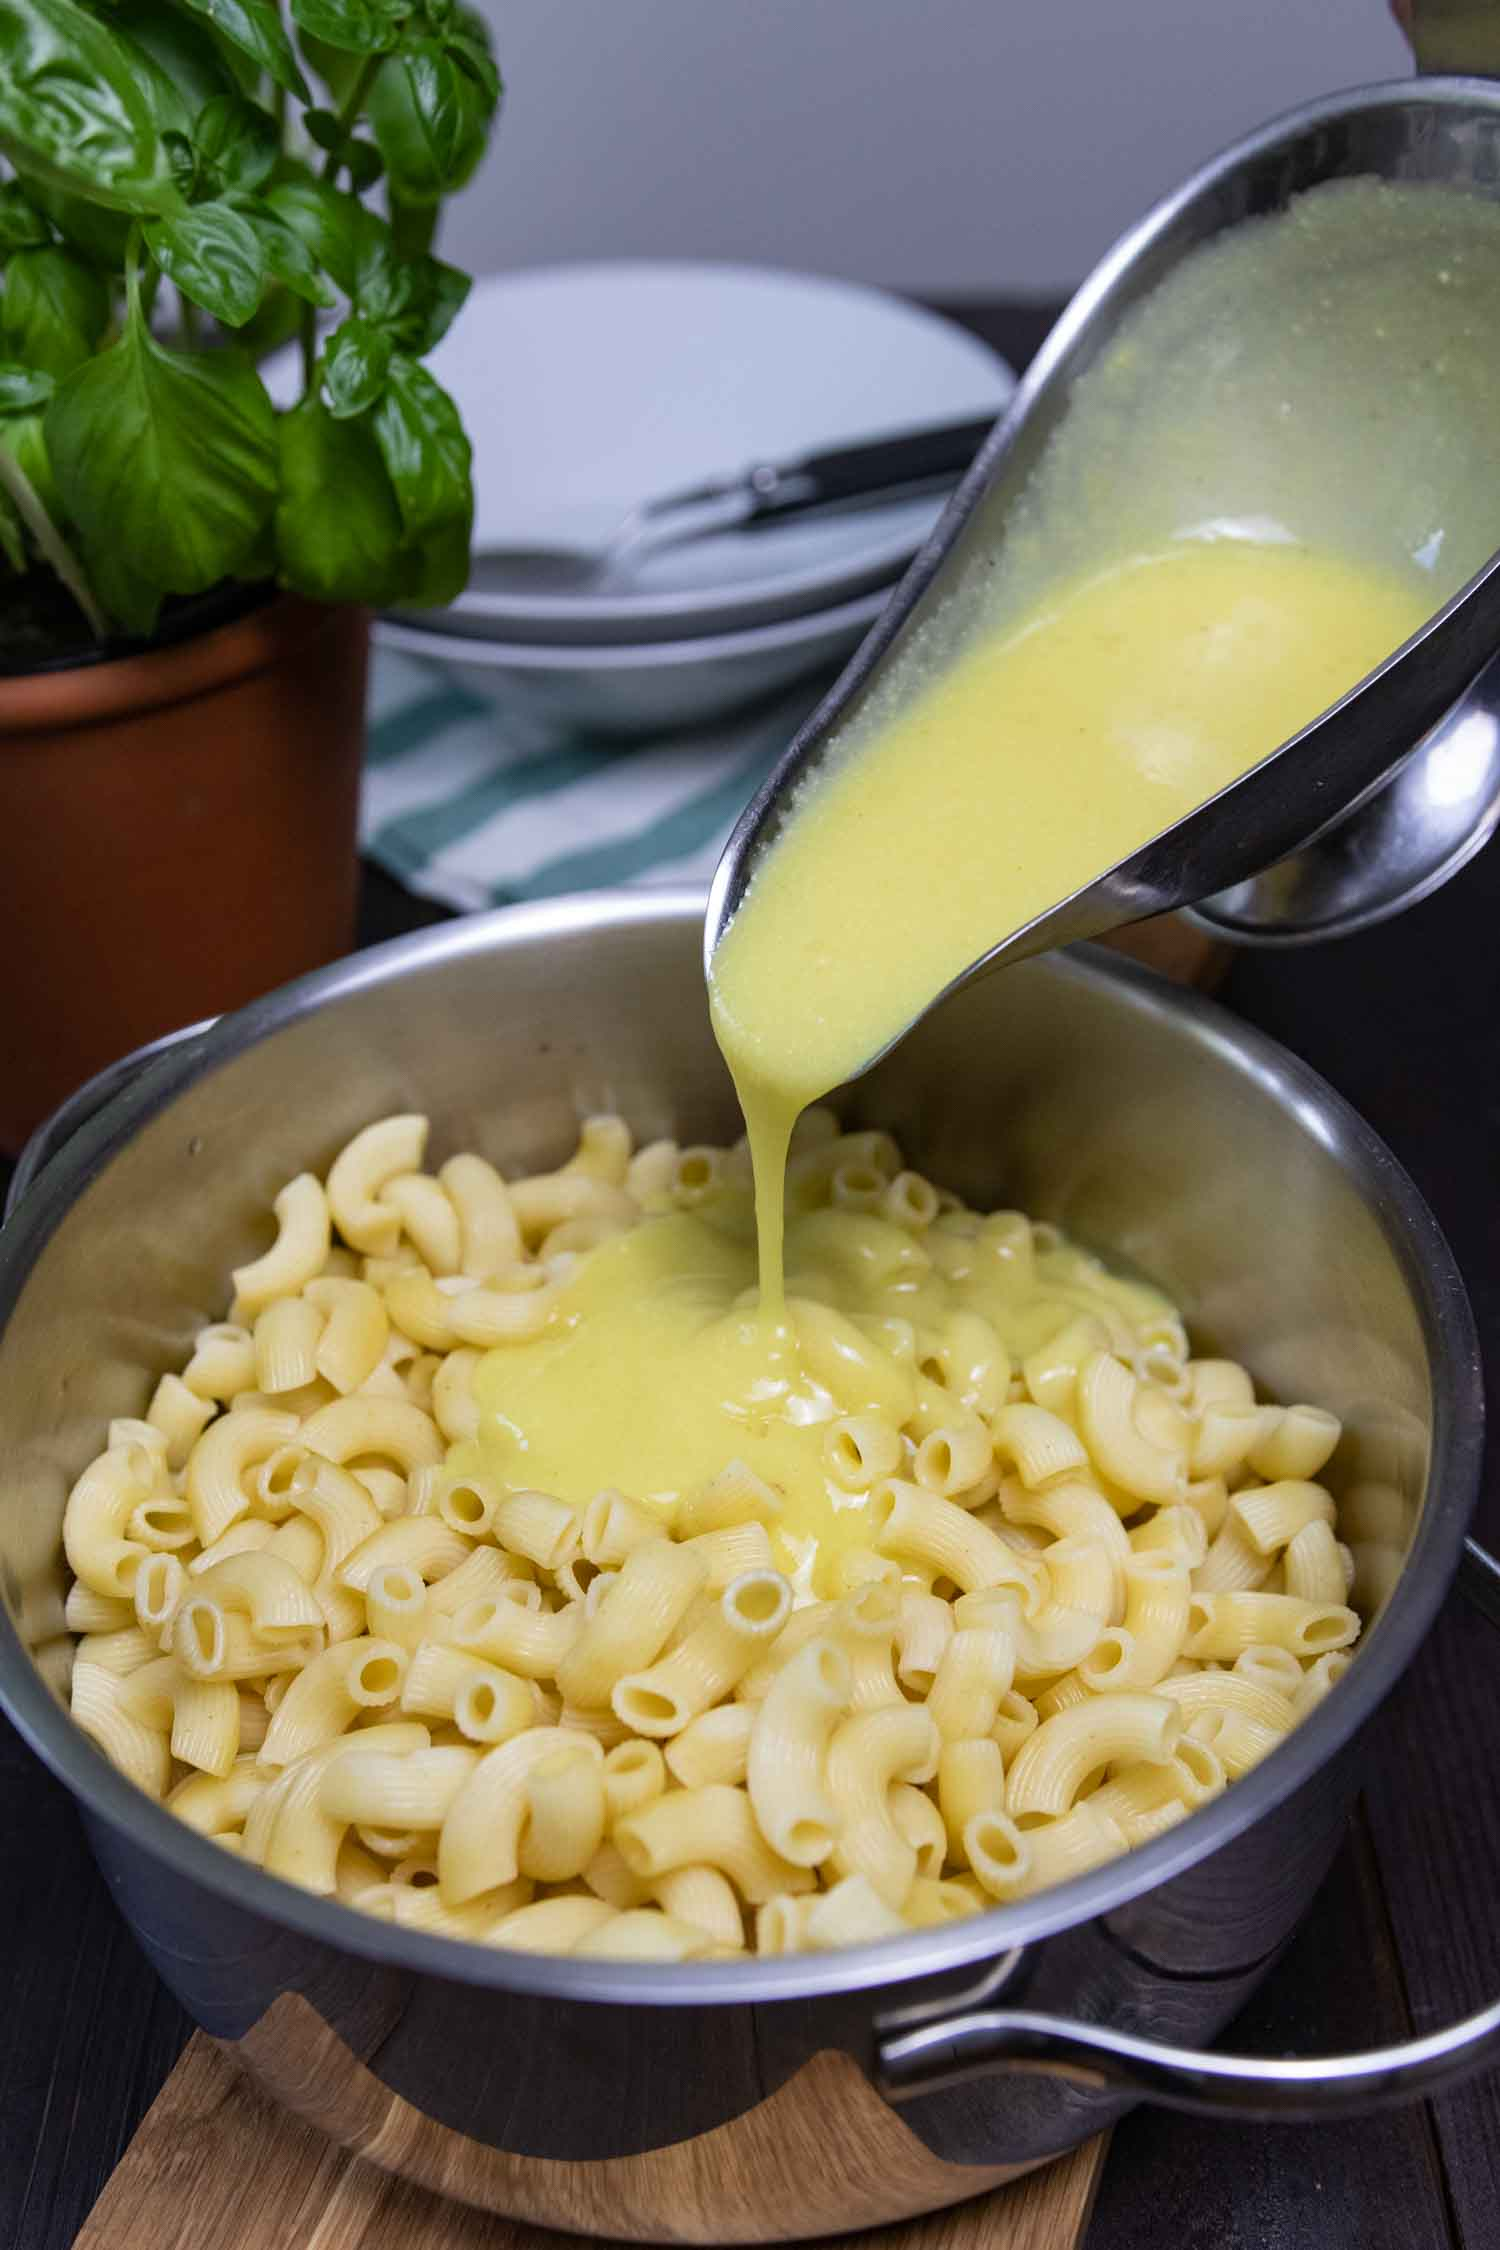 Käsesoße wird mit Nudel gemischt